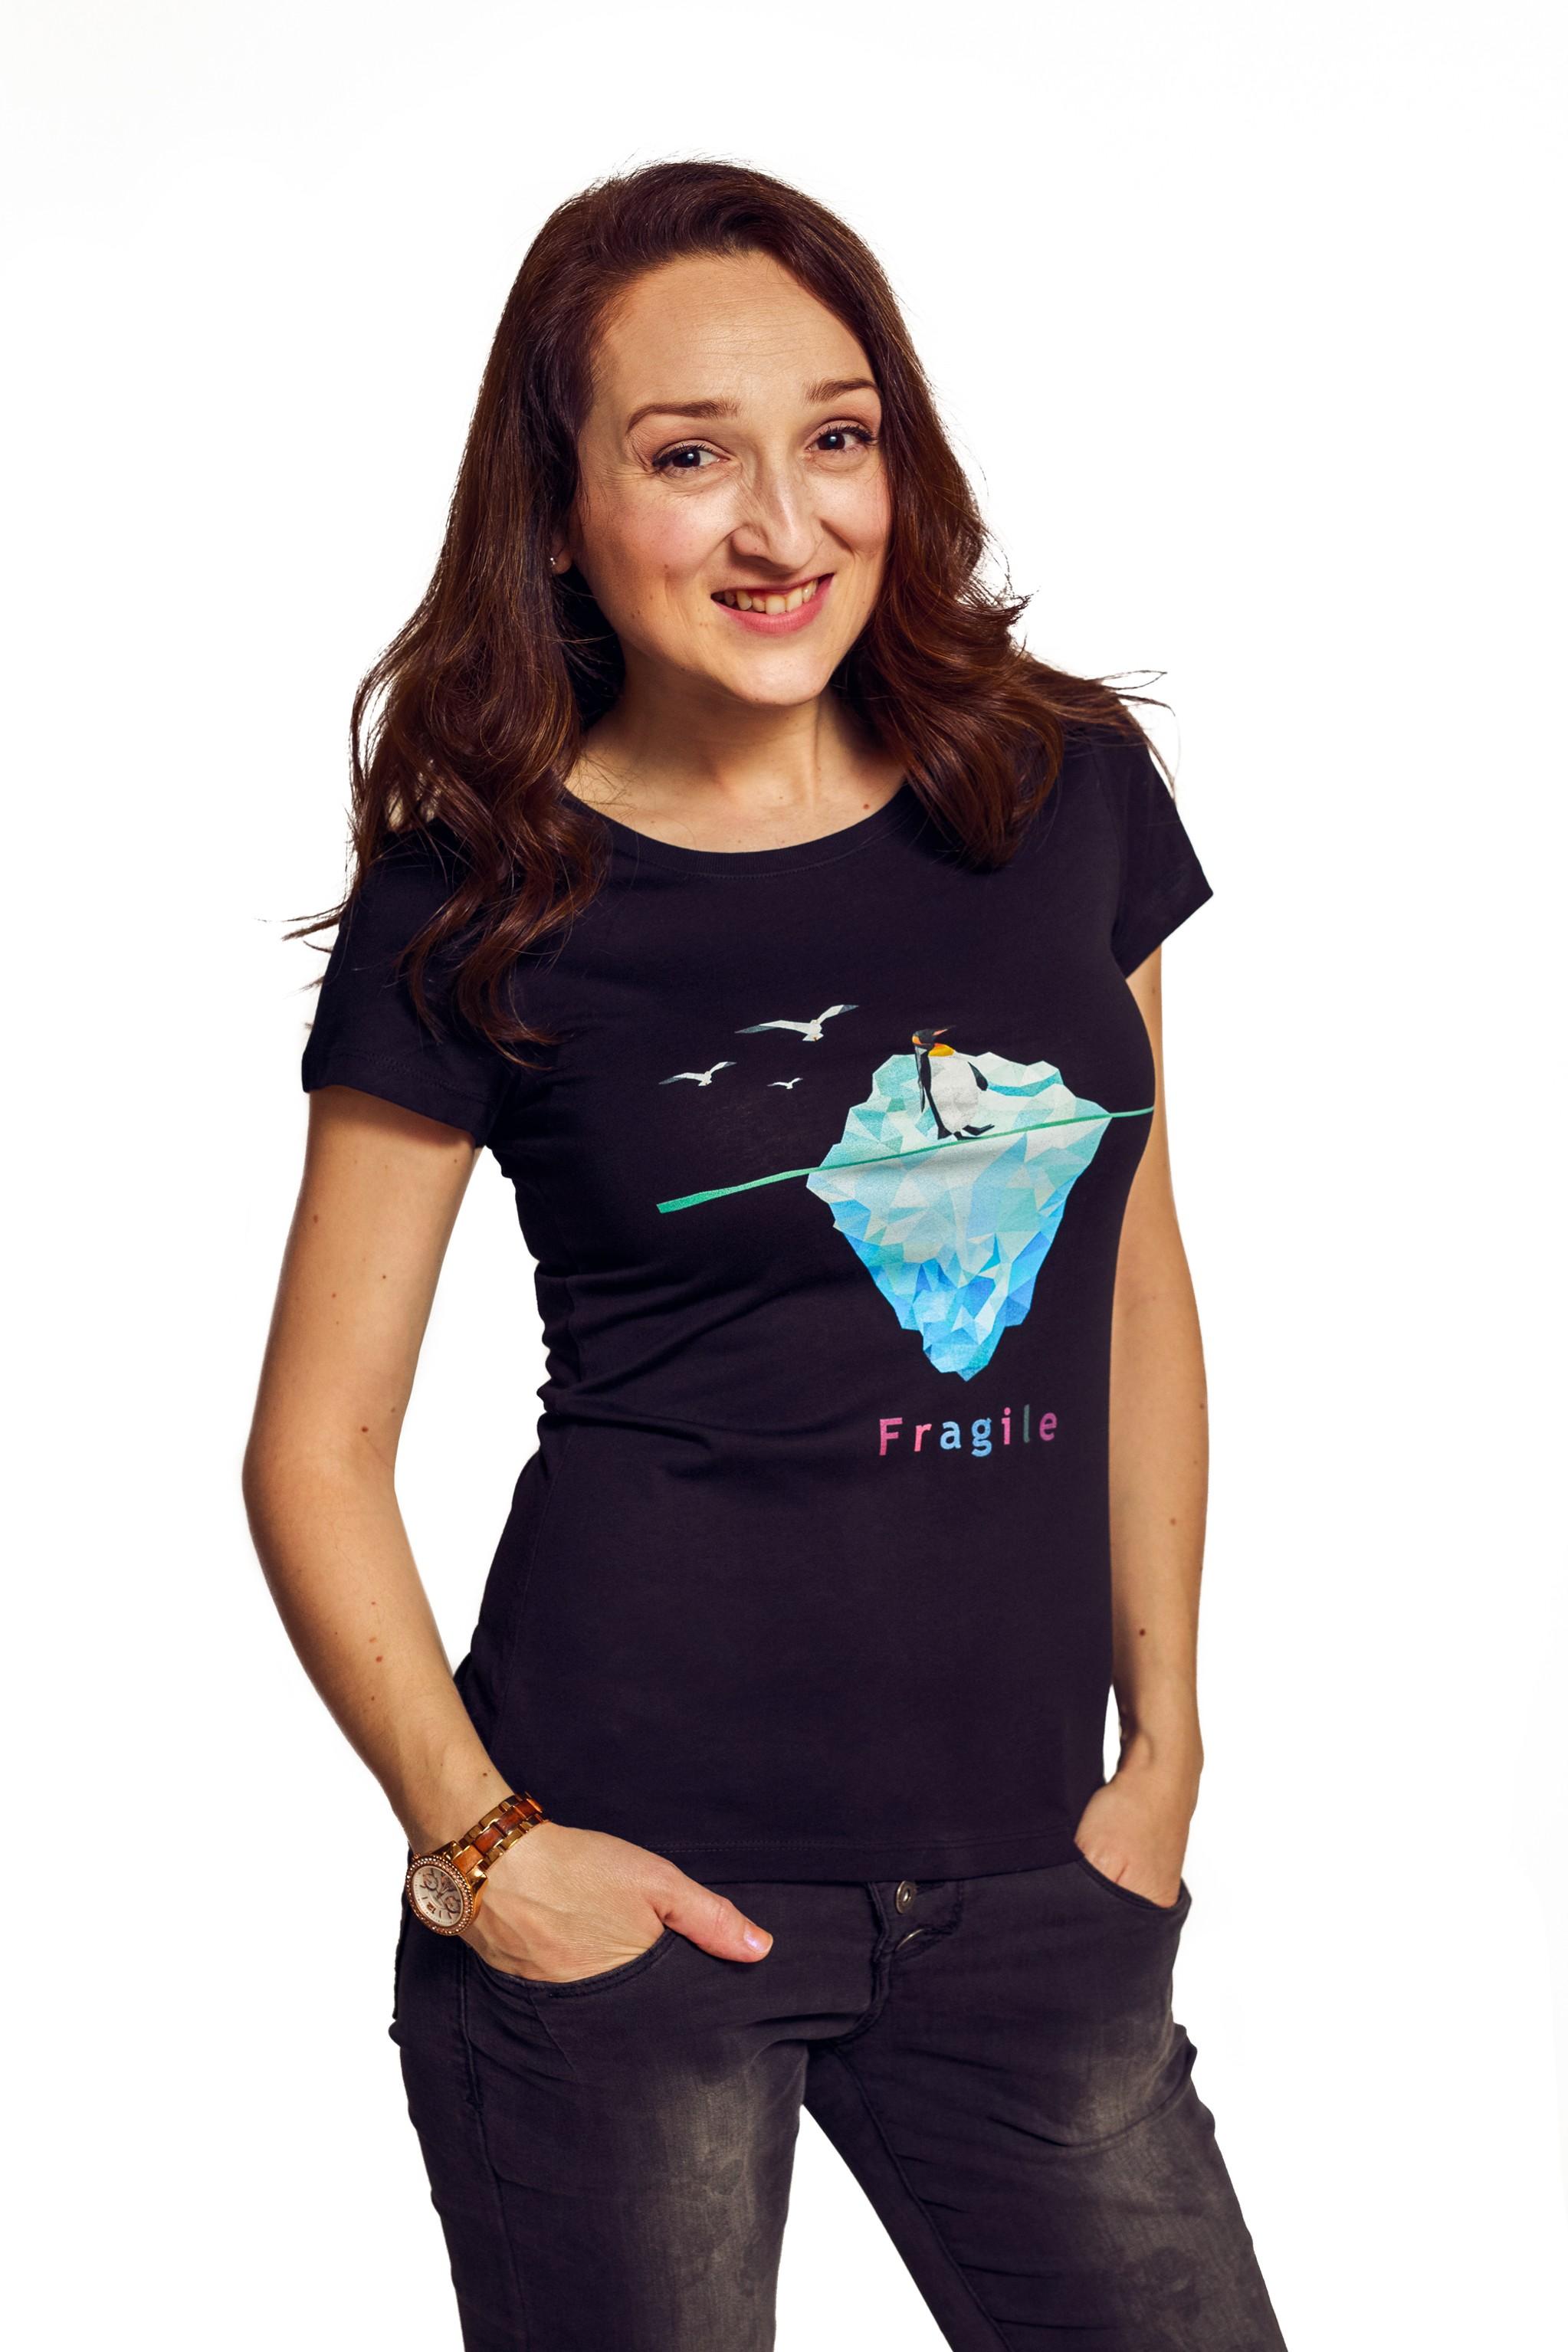 Fragile - Tričko Penguin - Žena, Čierna, XS